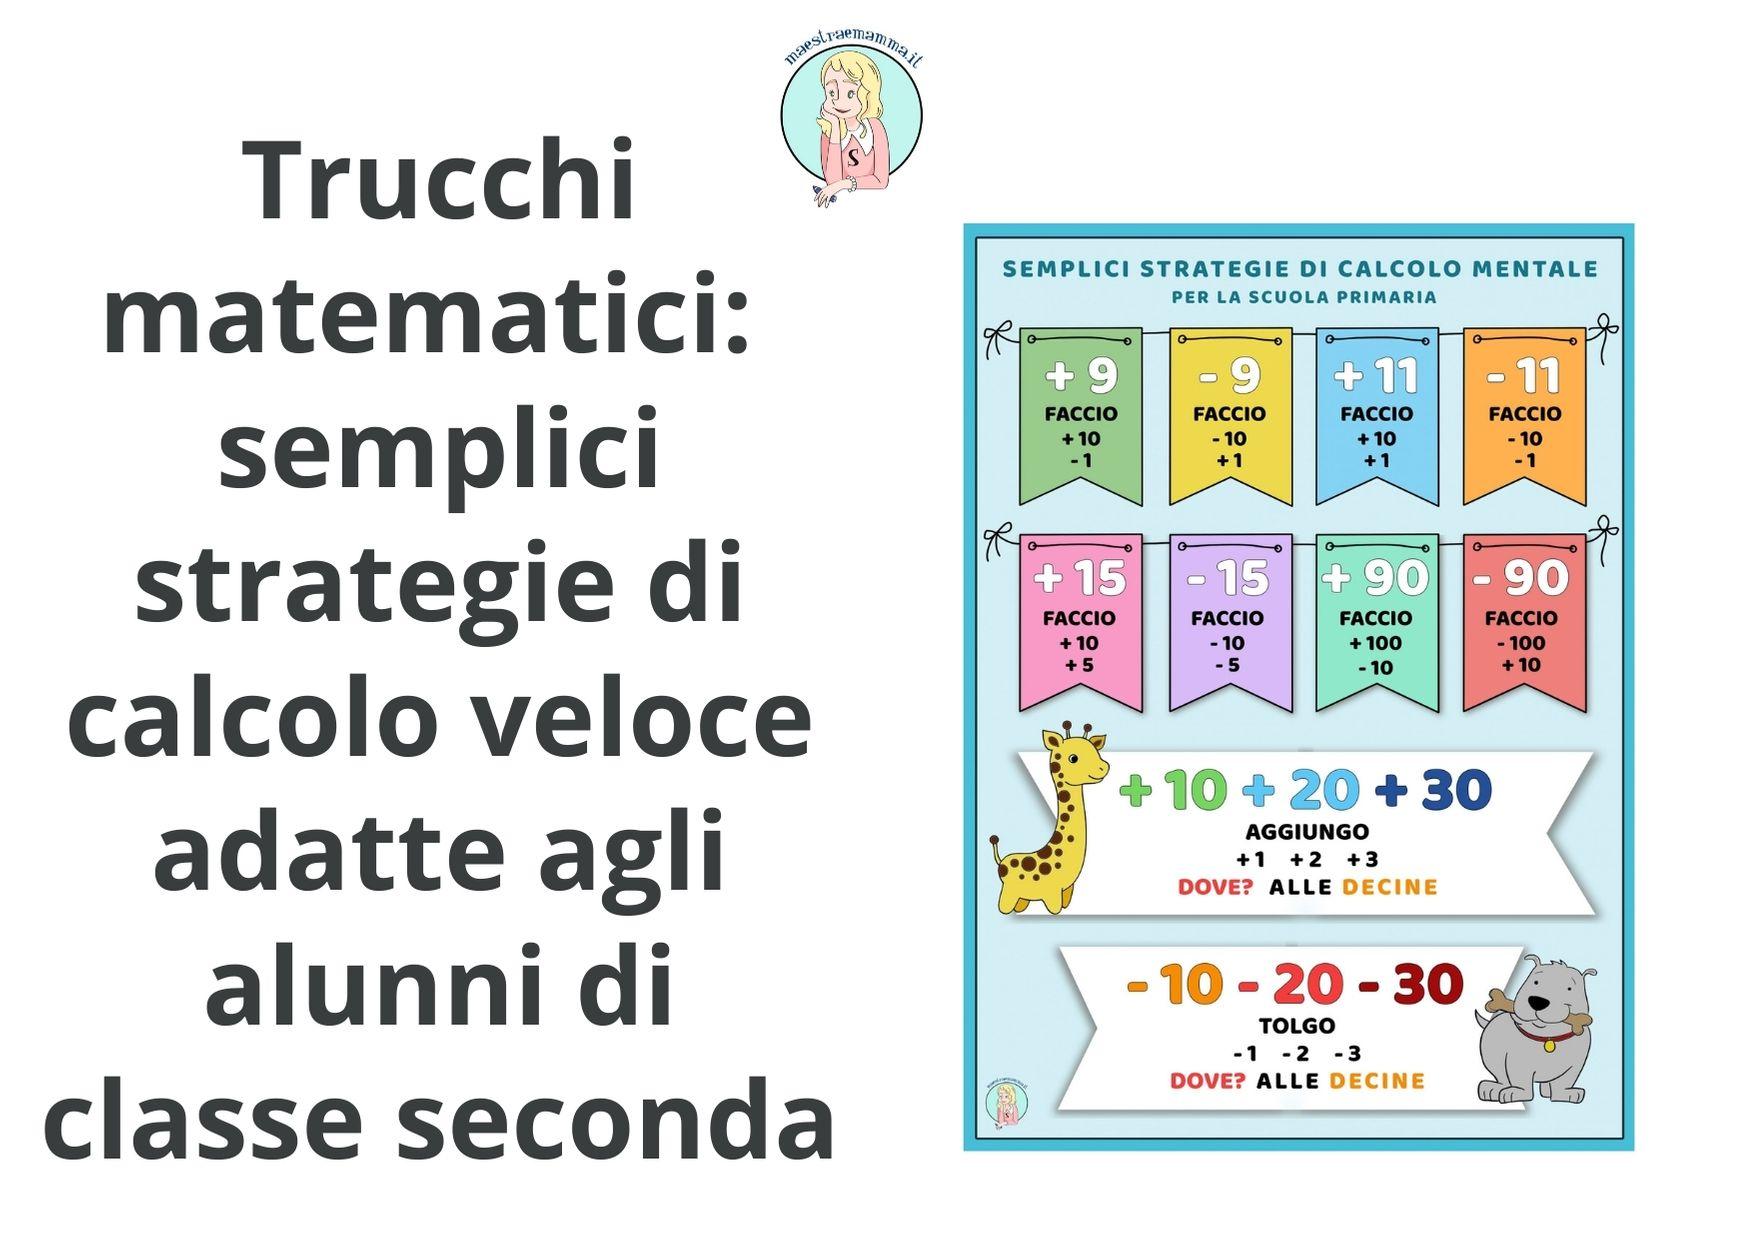 Semplici strategie di calcolo veloce classe seconda